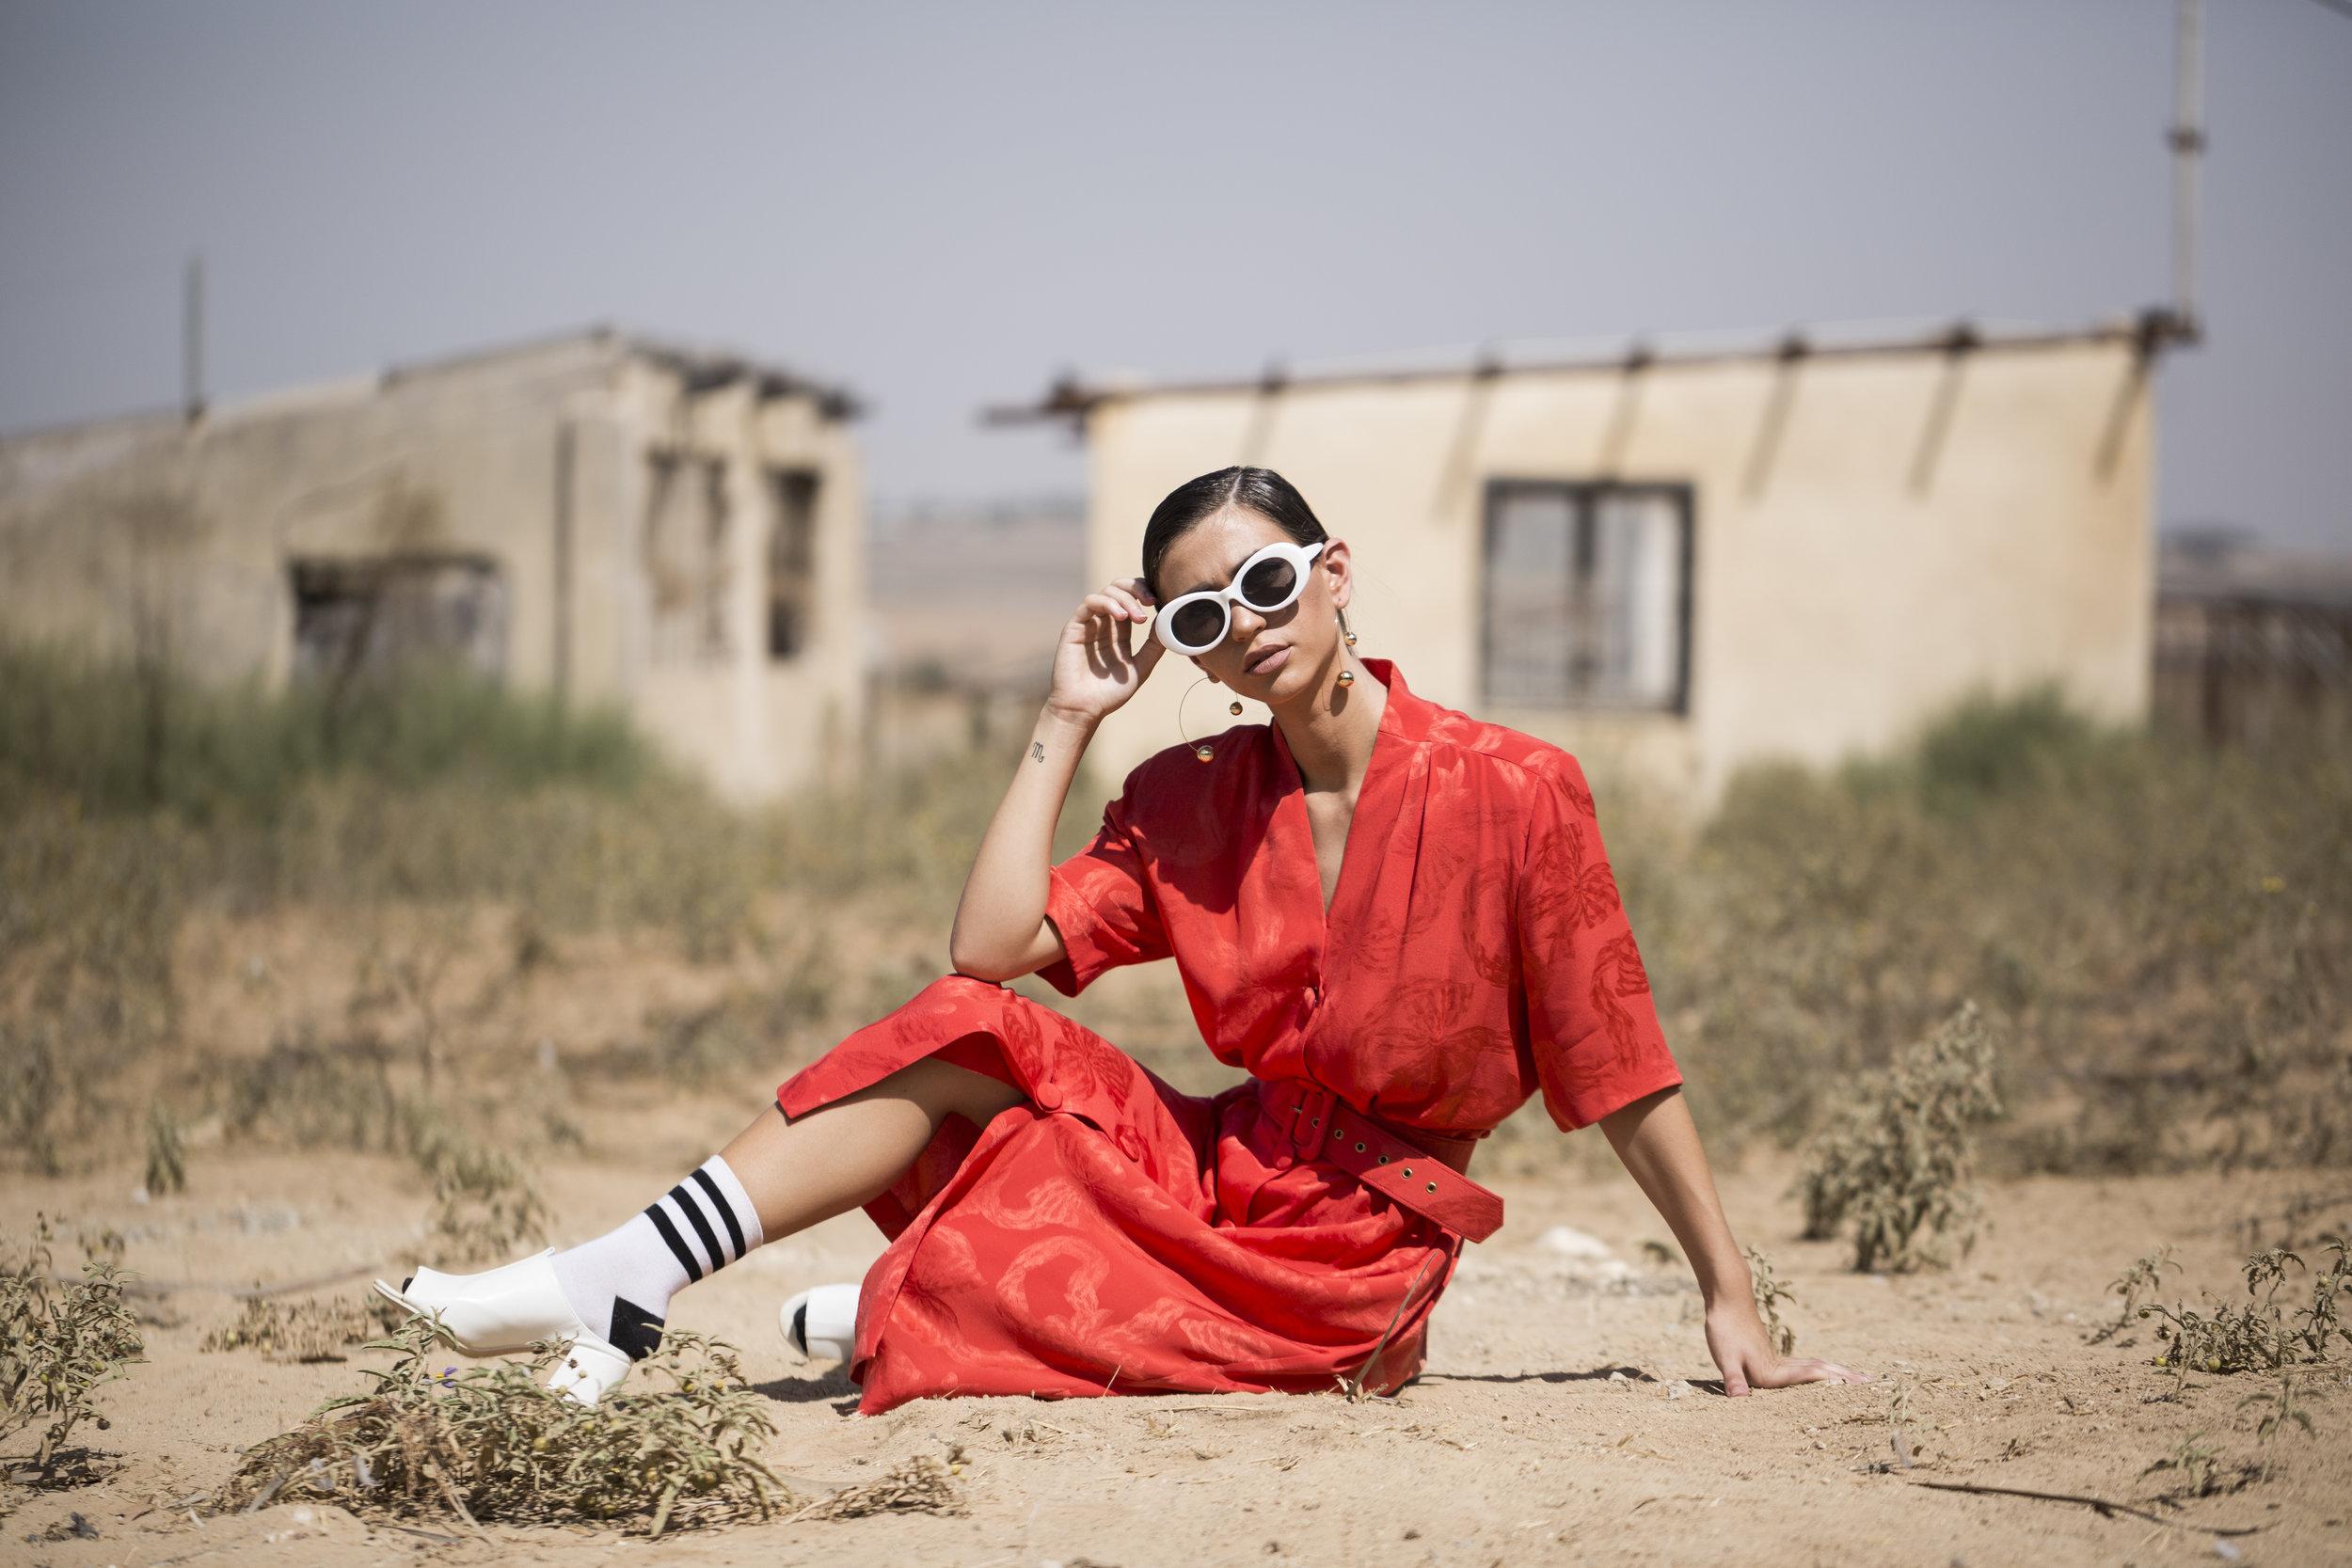 ״לשלב אופנה וצניעות יחד״ (הפקה וסטיילינג: אביה ביטון, צילום: הודיה טולדנו)